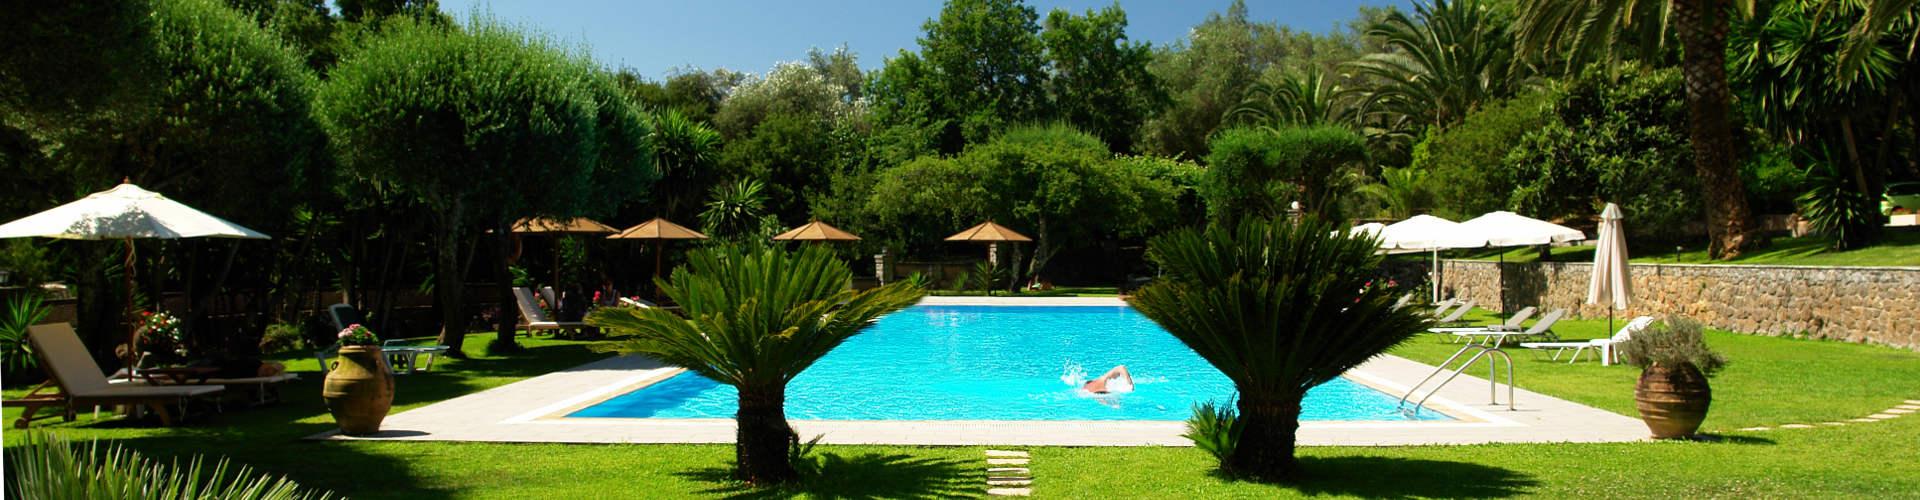 Fiori Hotel.Fiori Hotel Corfu